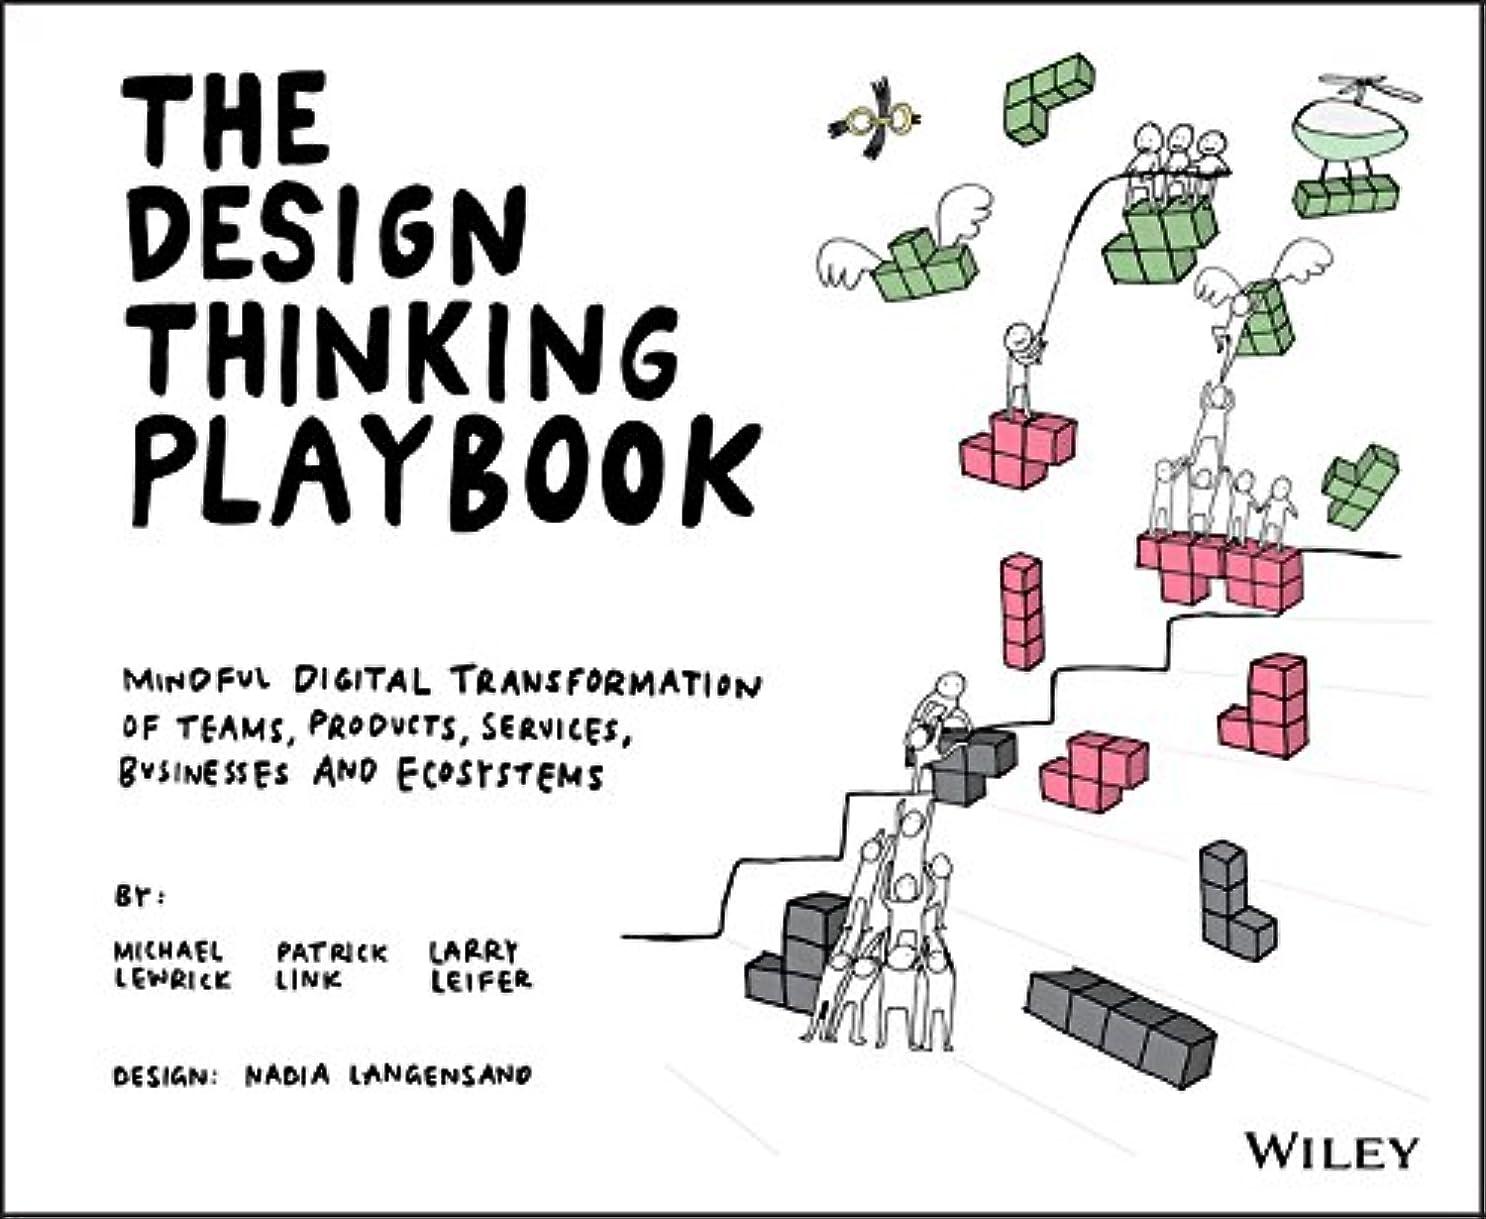 アスリート緊急狂うThe Design Thinking Playbook: Mindful Digital Transformation of Teams, Products, Services, Businesses and Ecosystems (English Edition)